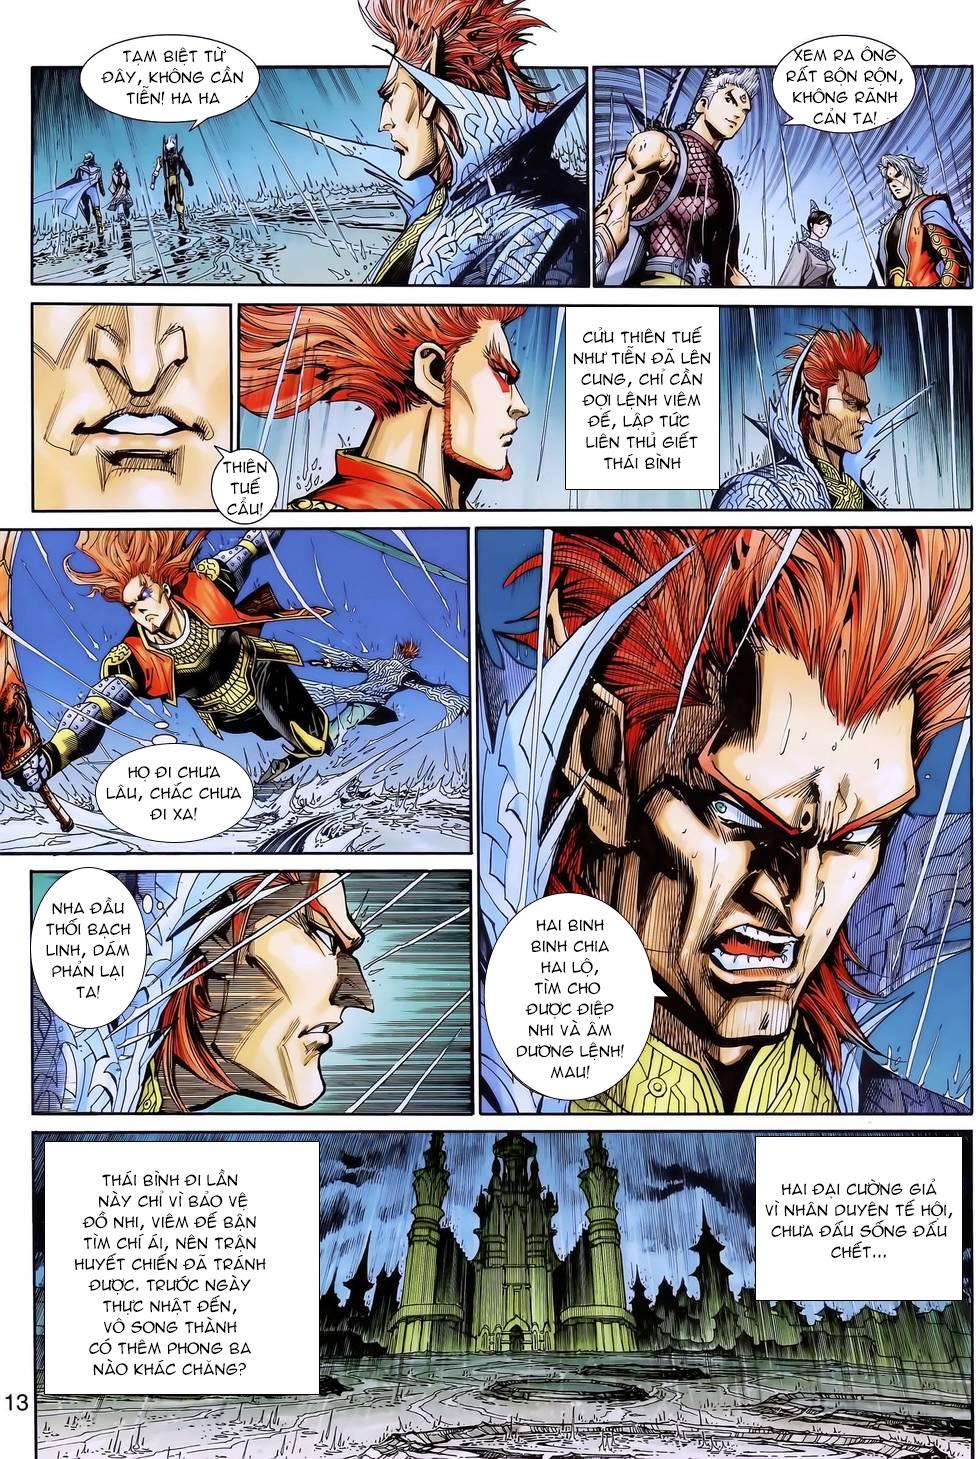 Thần binh huyền kỳ 3 - 3.5 tập 146 - 11